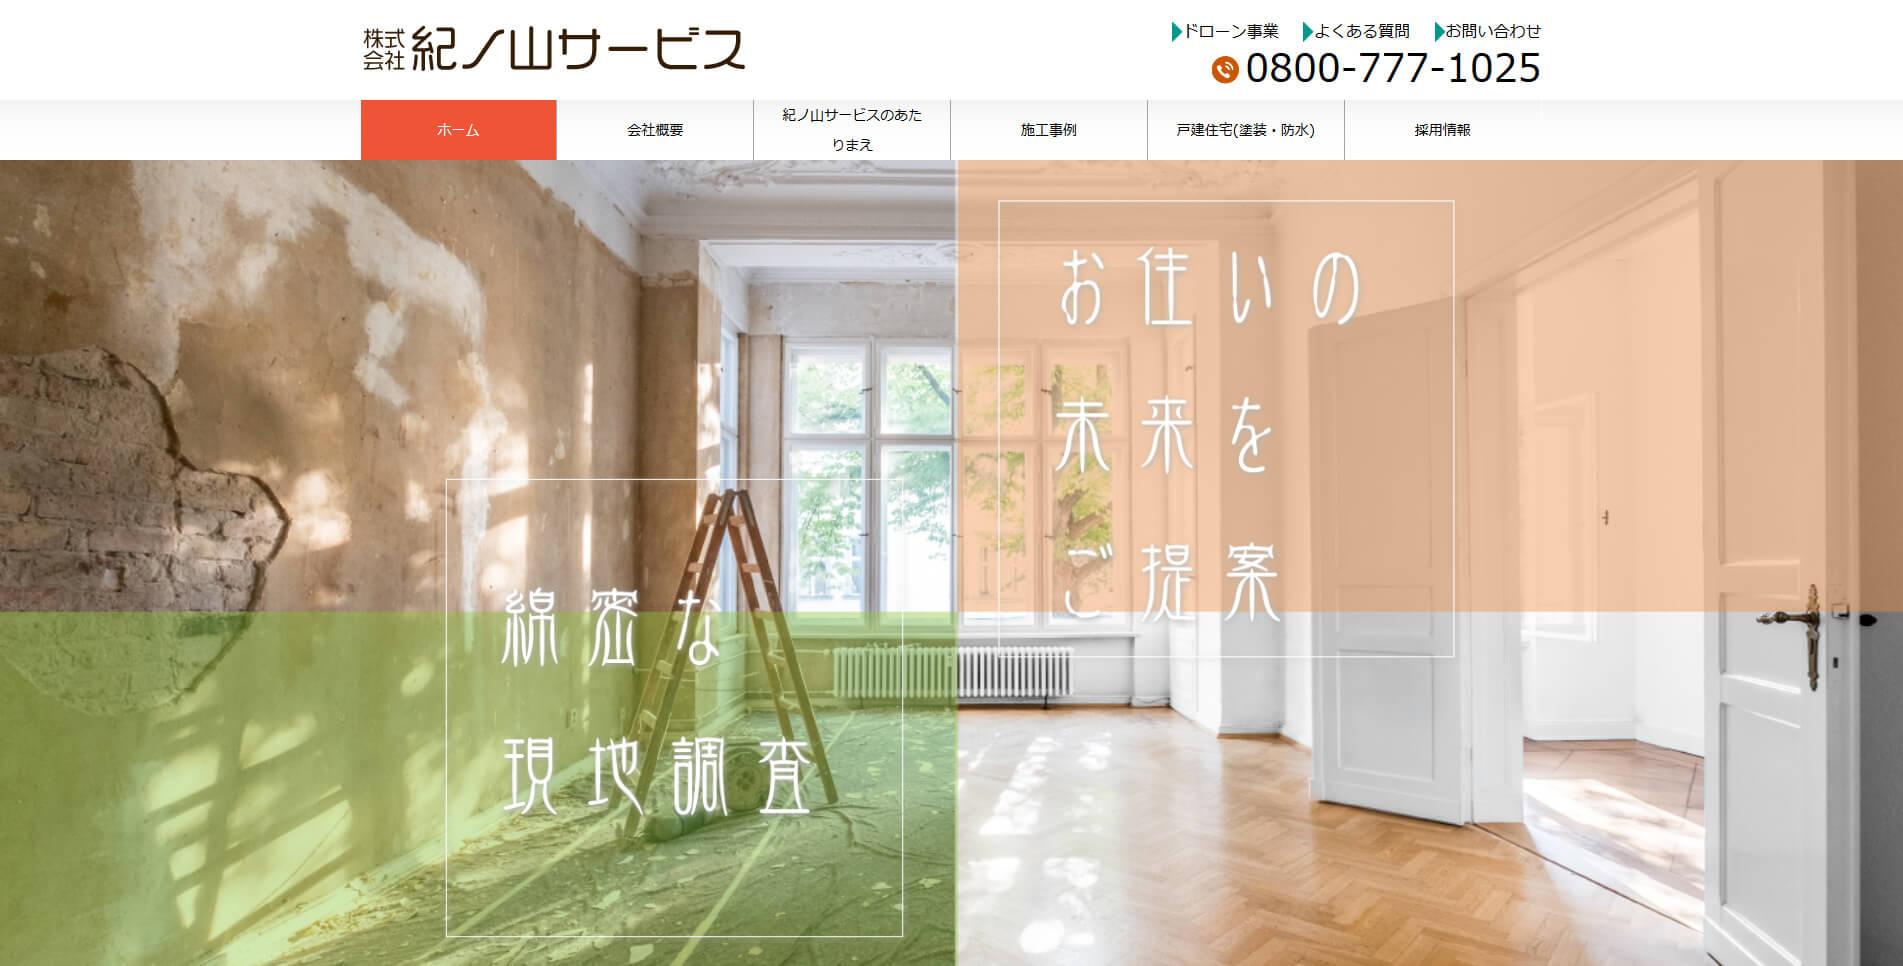 株式会社紀ノ山サービス